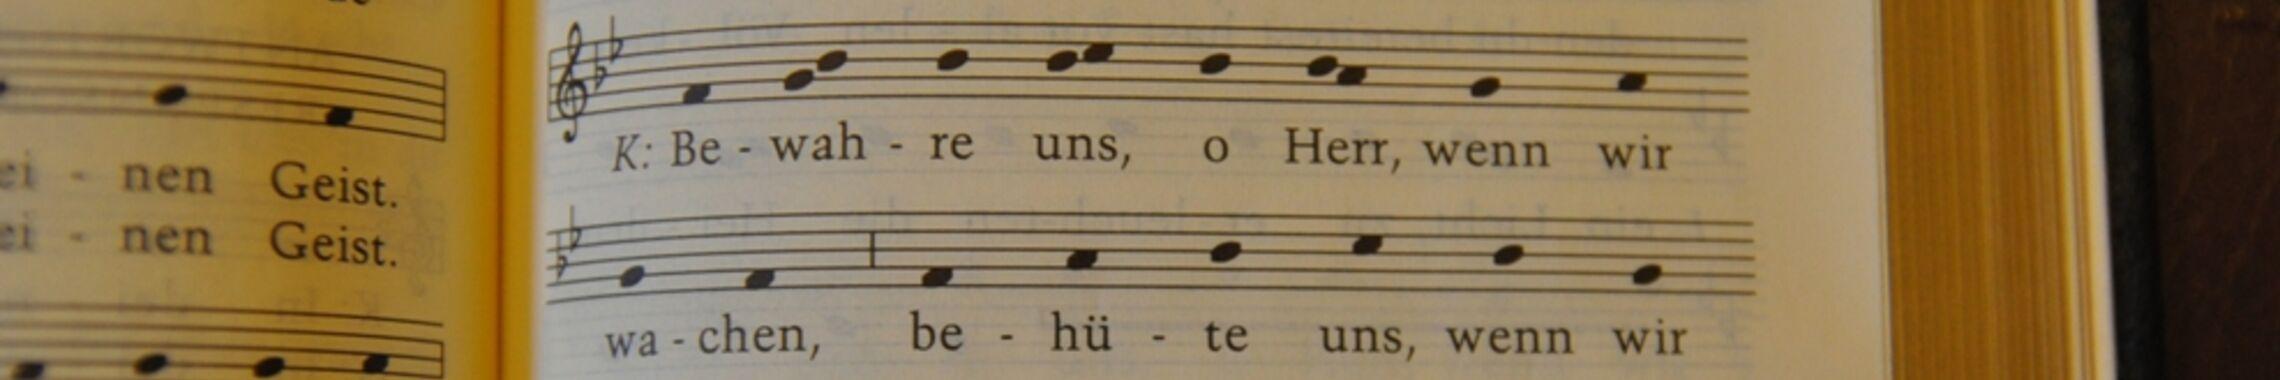 Gesangbuchausschnitt